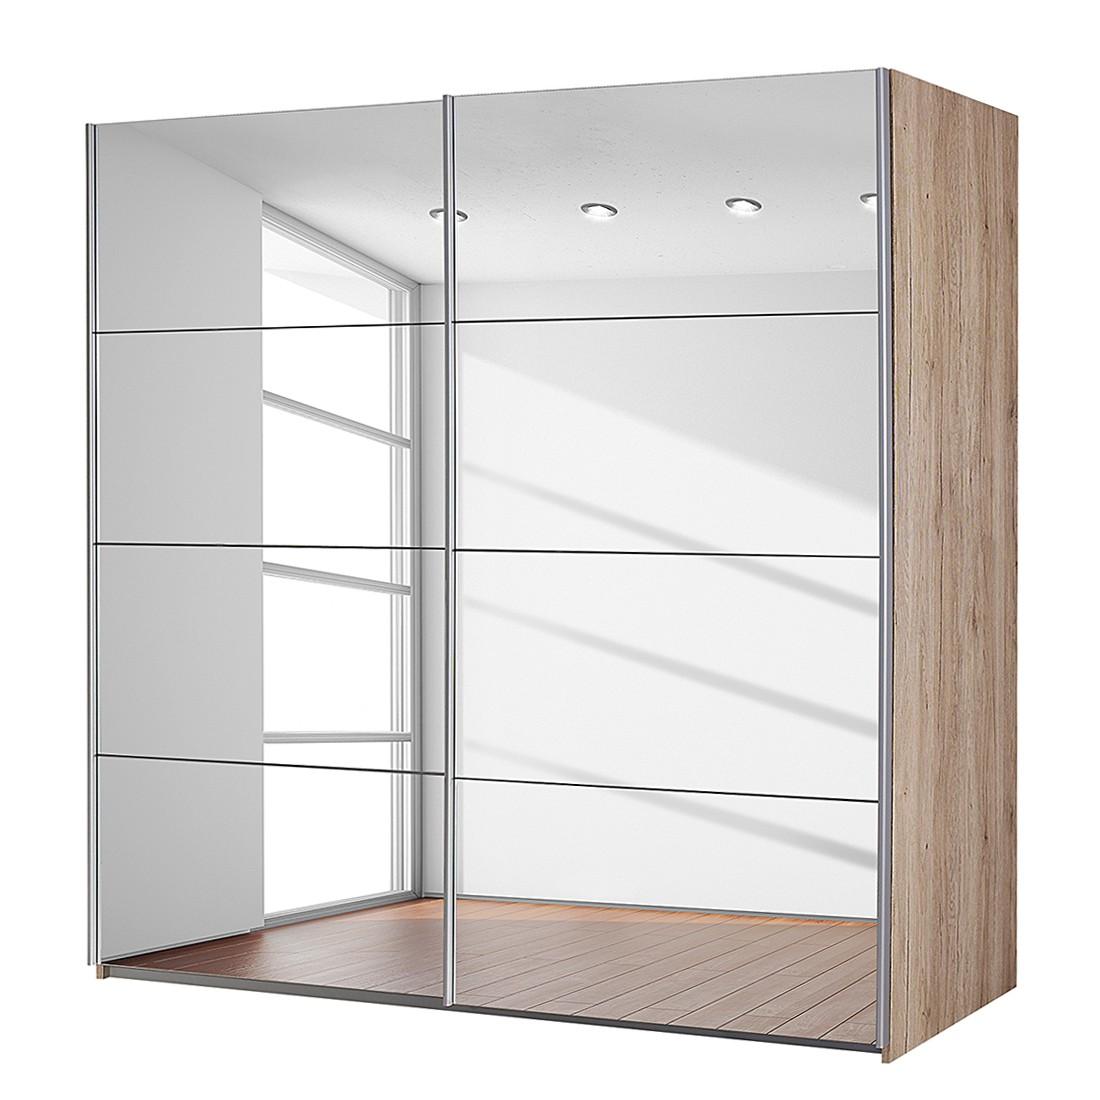 goedkoop Zweefdeurkast Subito 2 spiegeldeuren Lichte San Remo eikenhouten look 181cm 2 deurs Rauch Packs